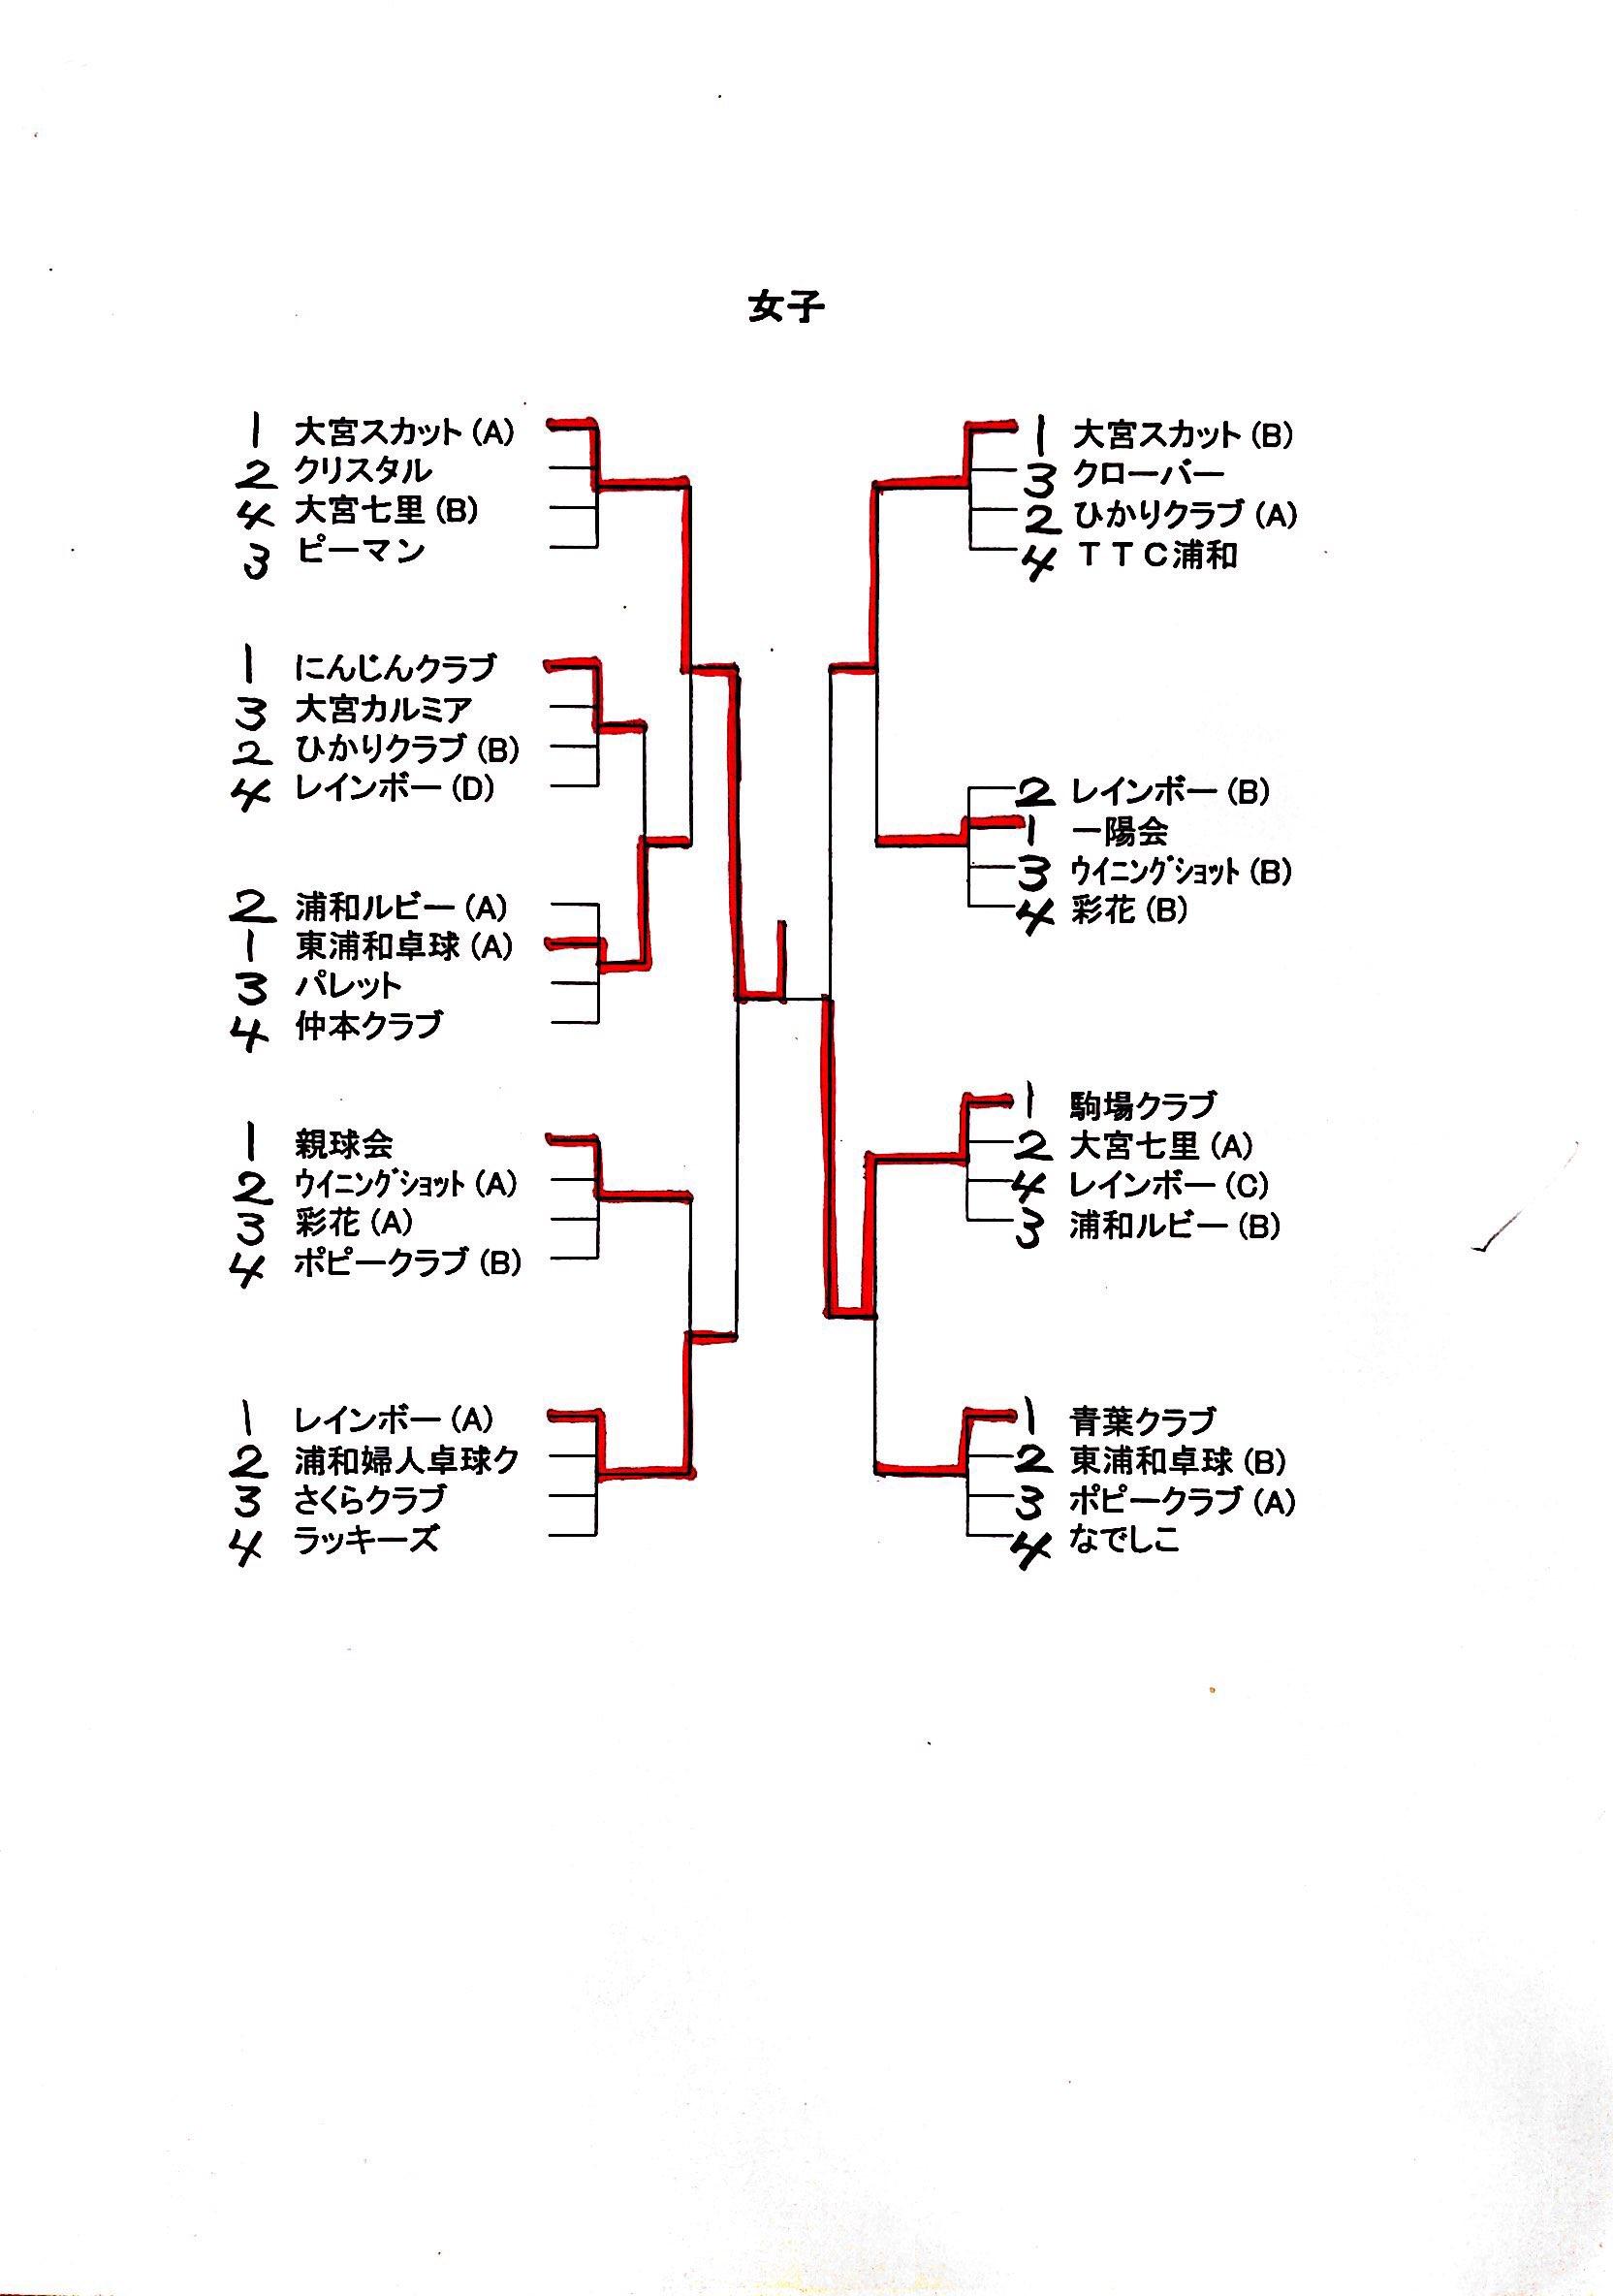 新規ドキュメント 2019-04-08 22.16.19_2